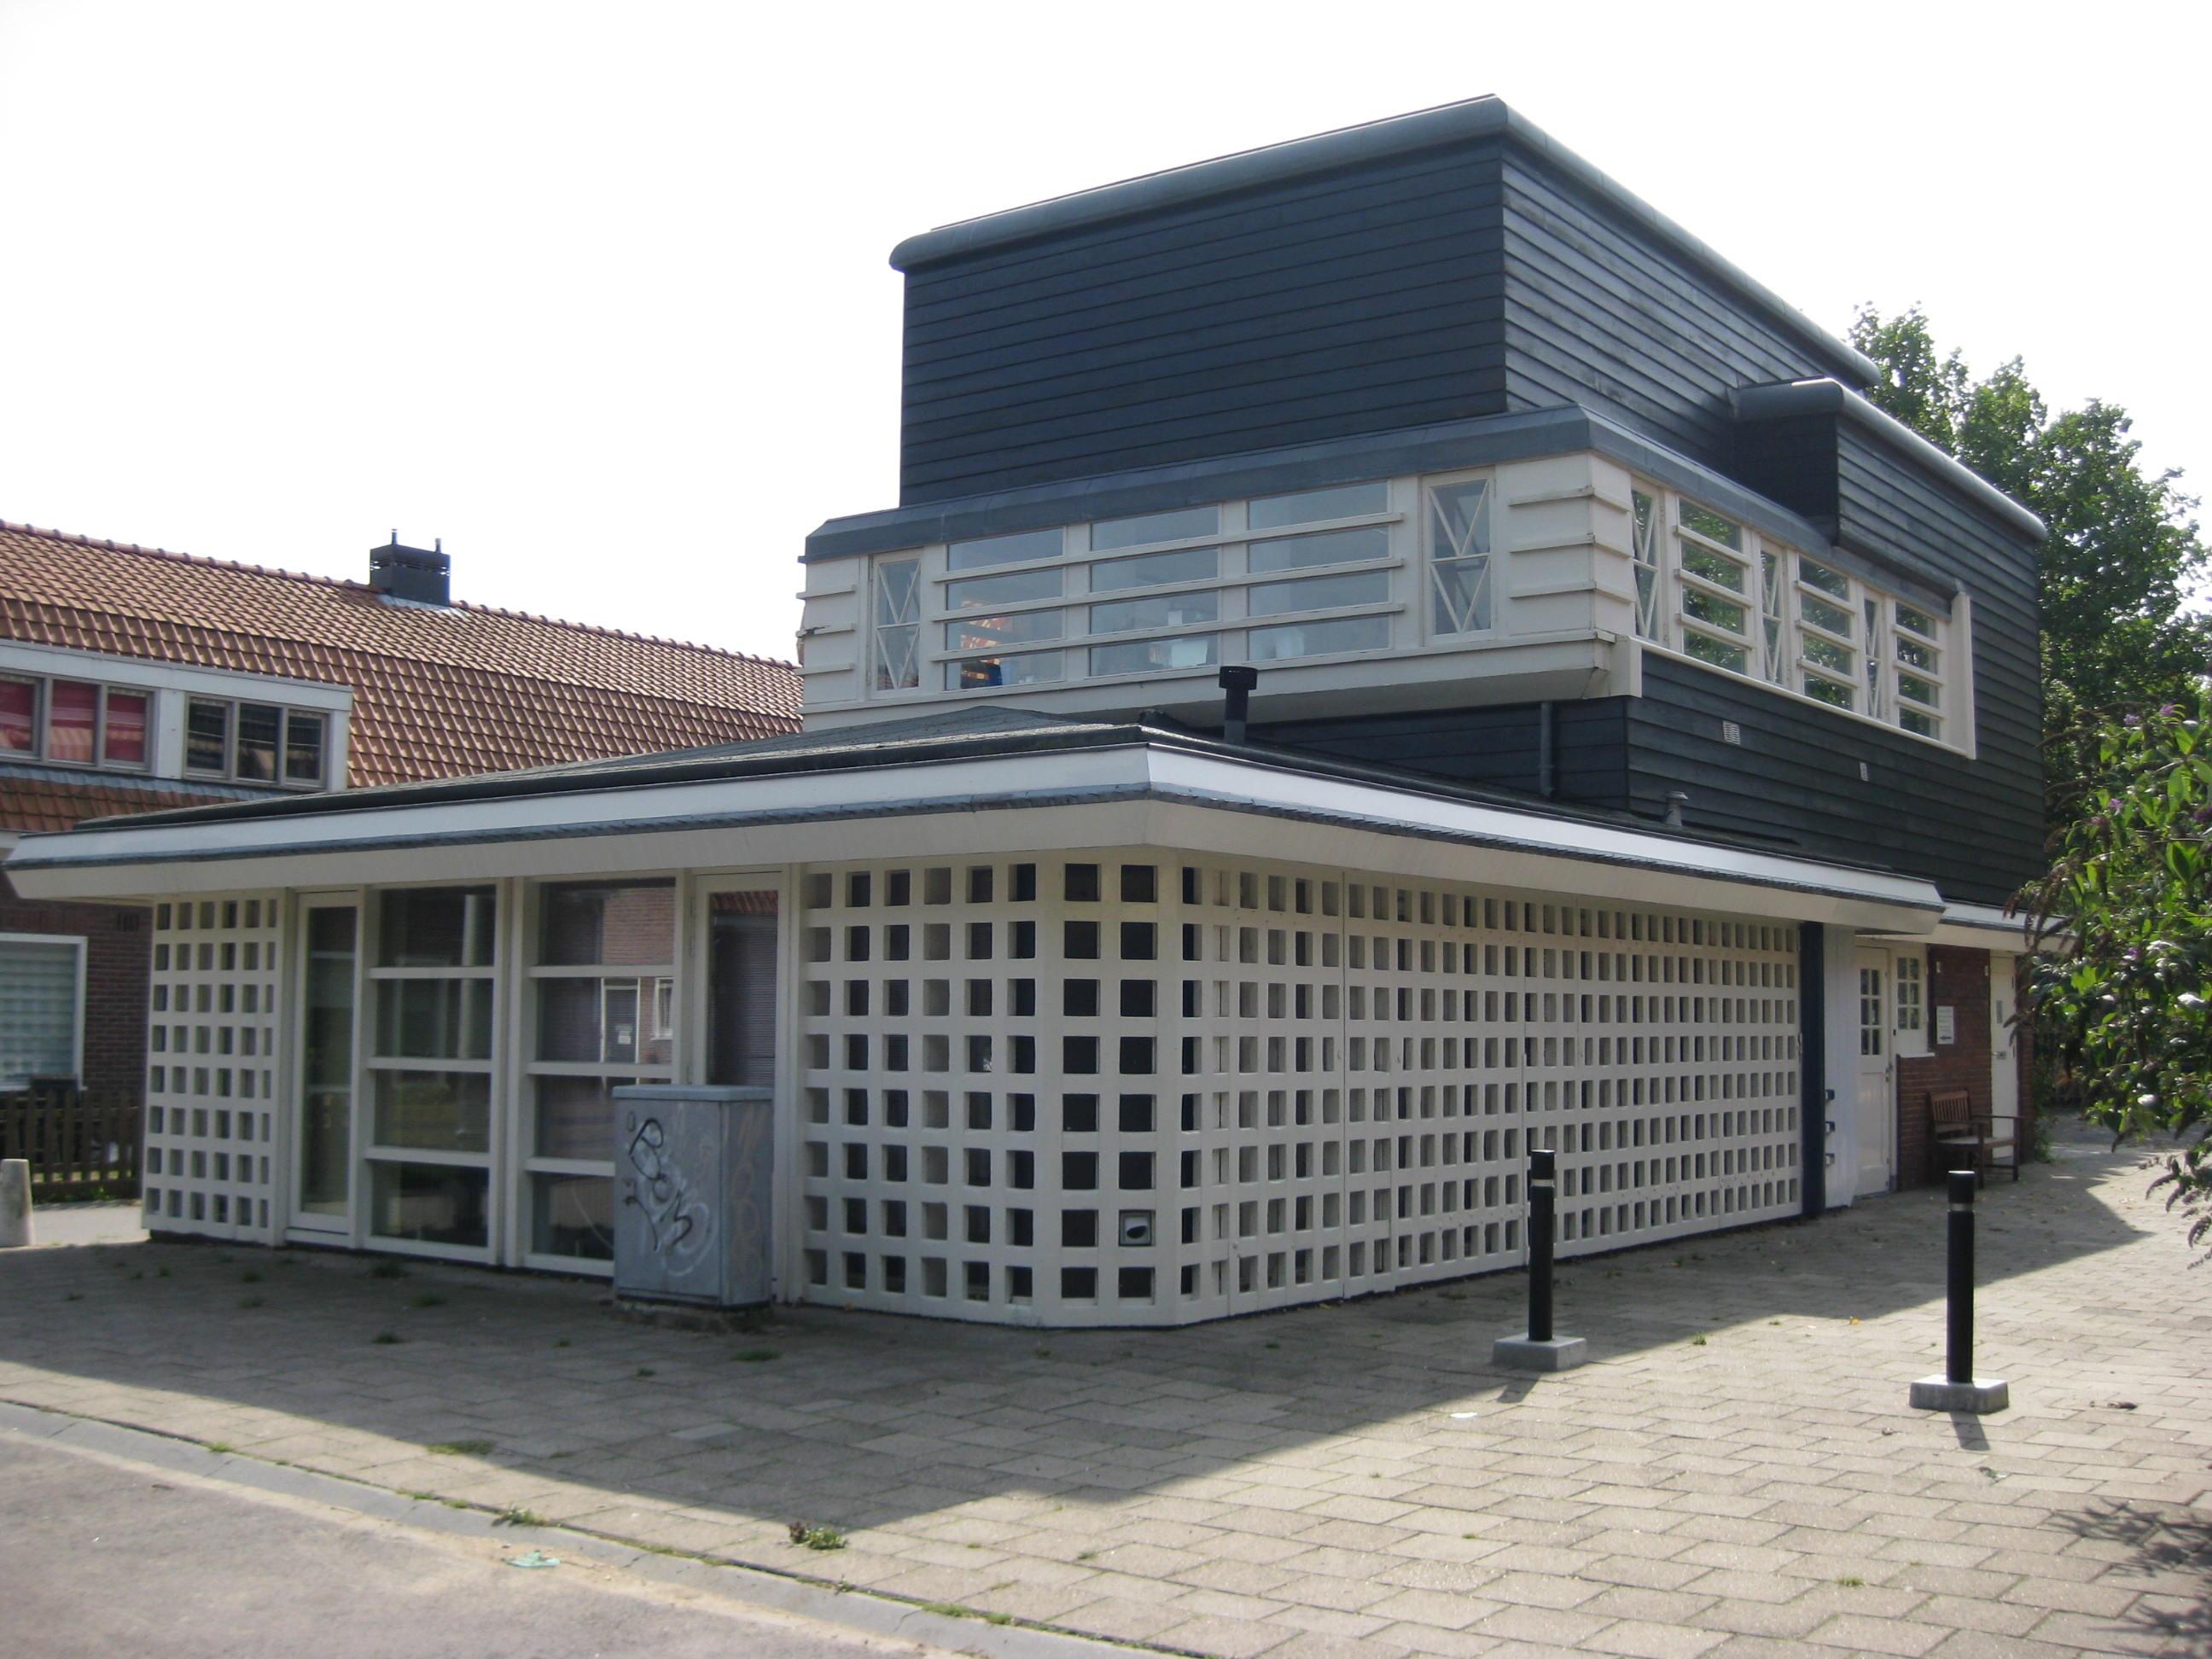 Houten gebouw voormalige kantine en bergplaats van de afdeling